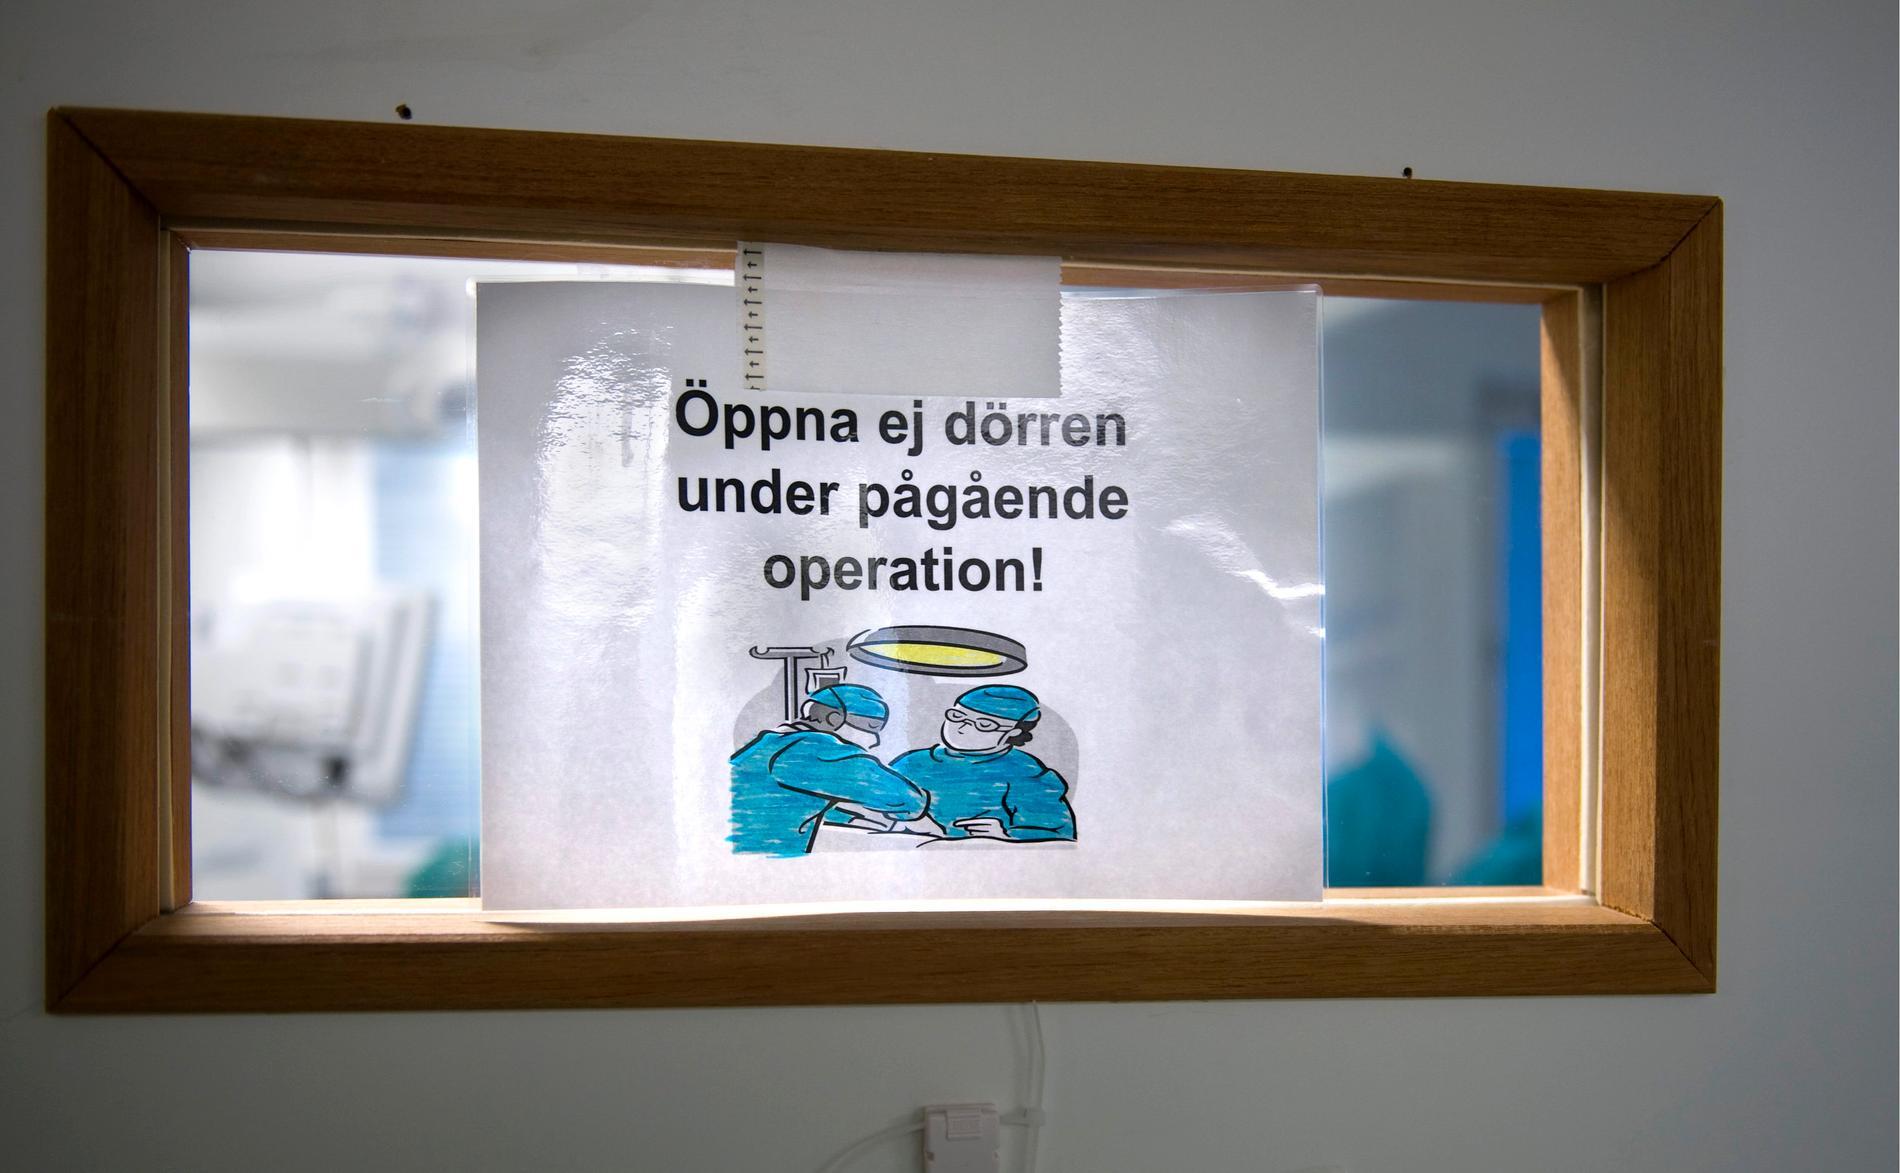 Vid en operation i Dalarna bildades gas i en urinblåsa vilket ledde till svåra skador. Arkivbild.